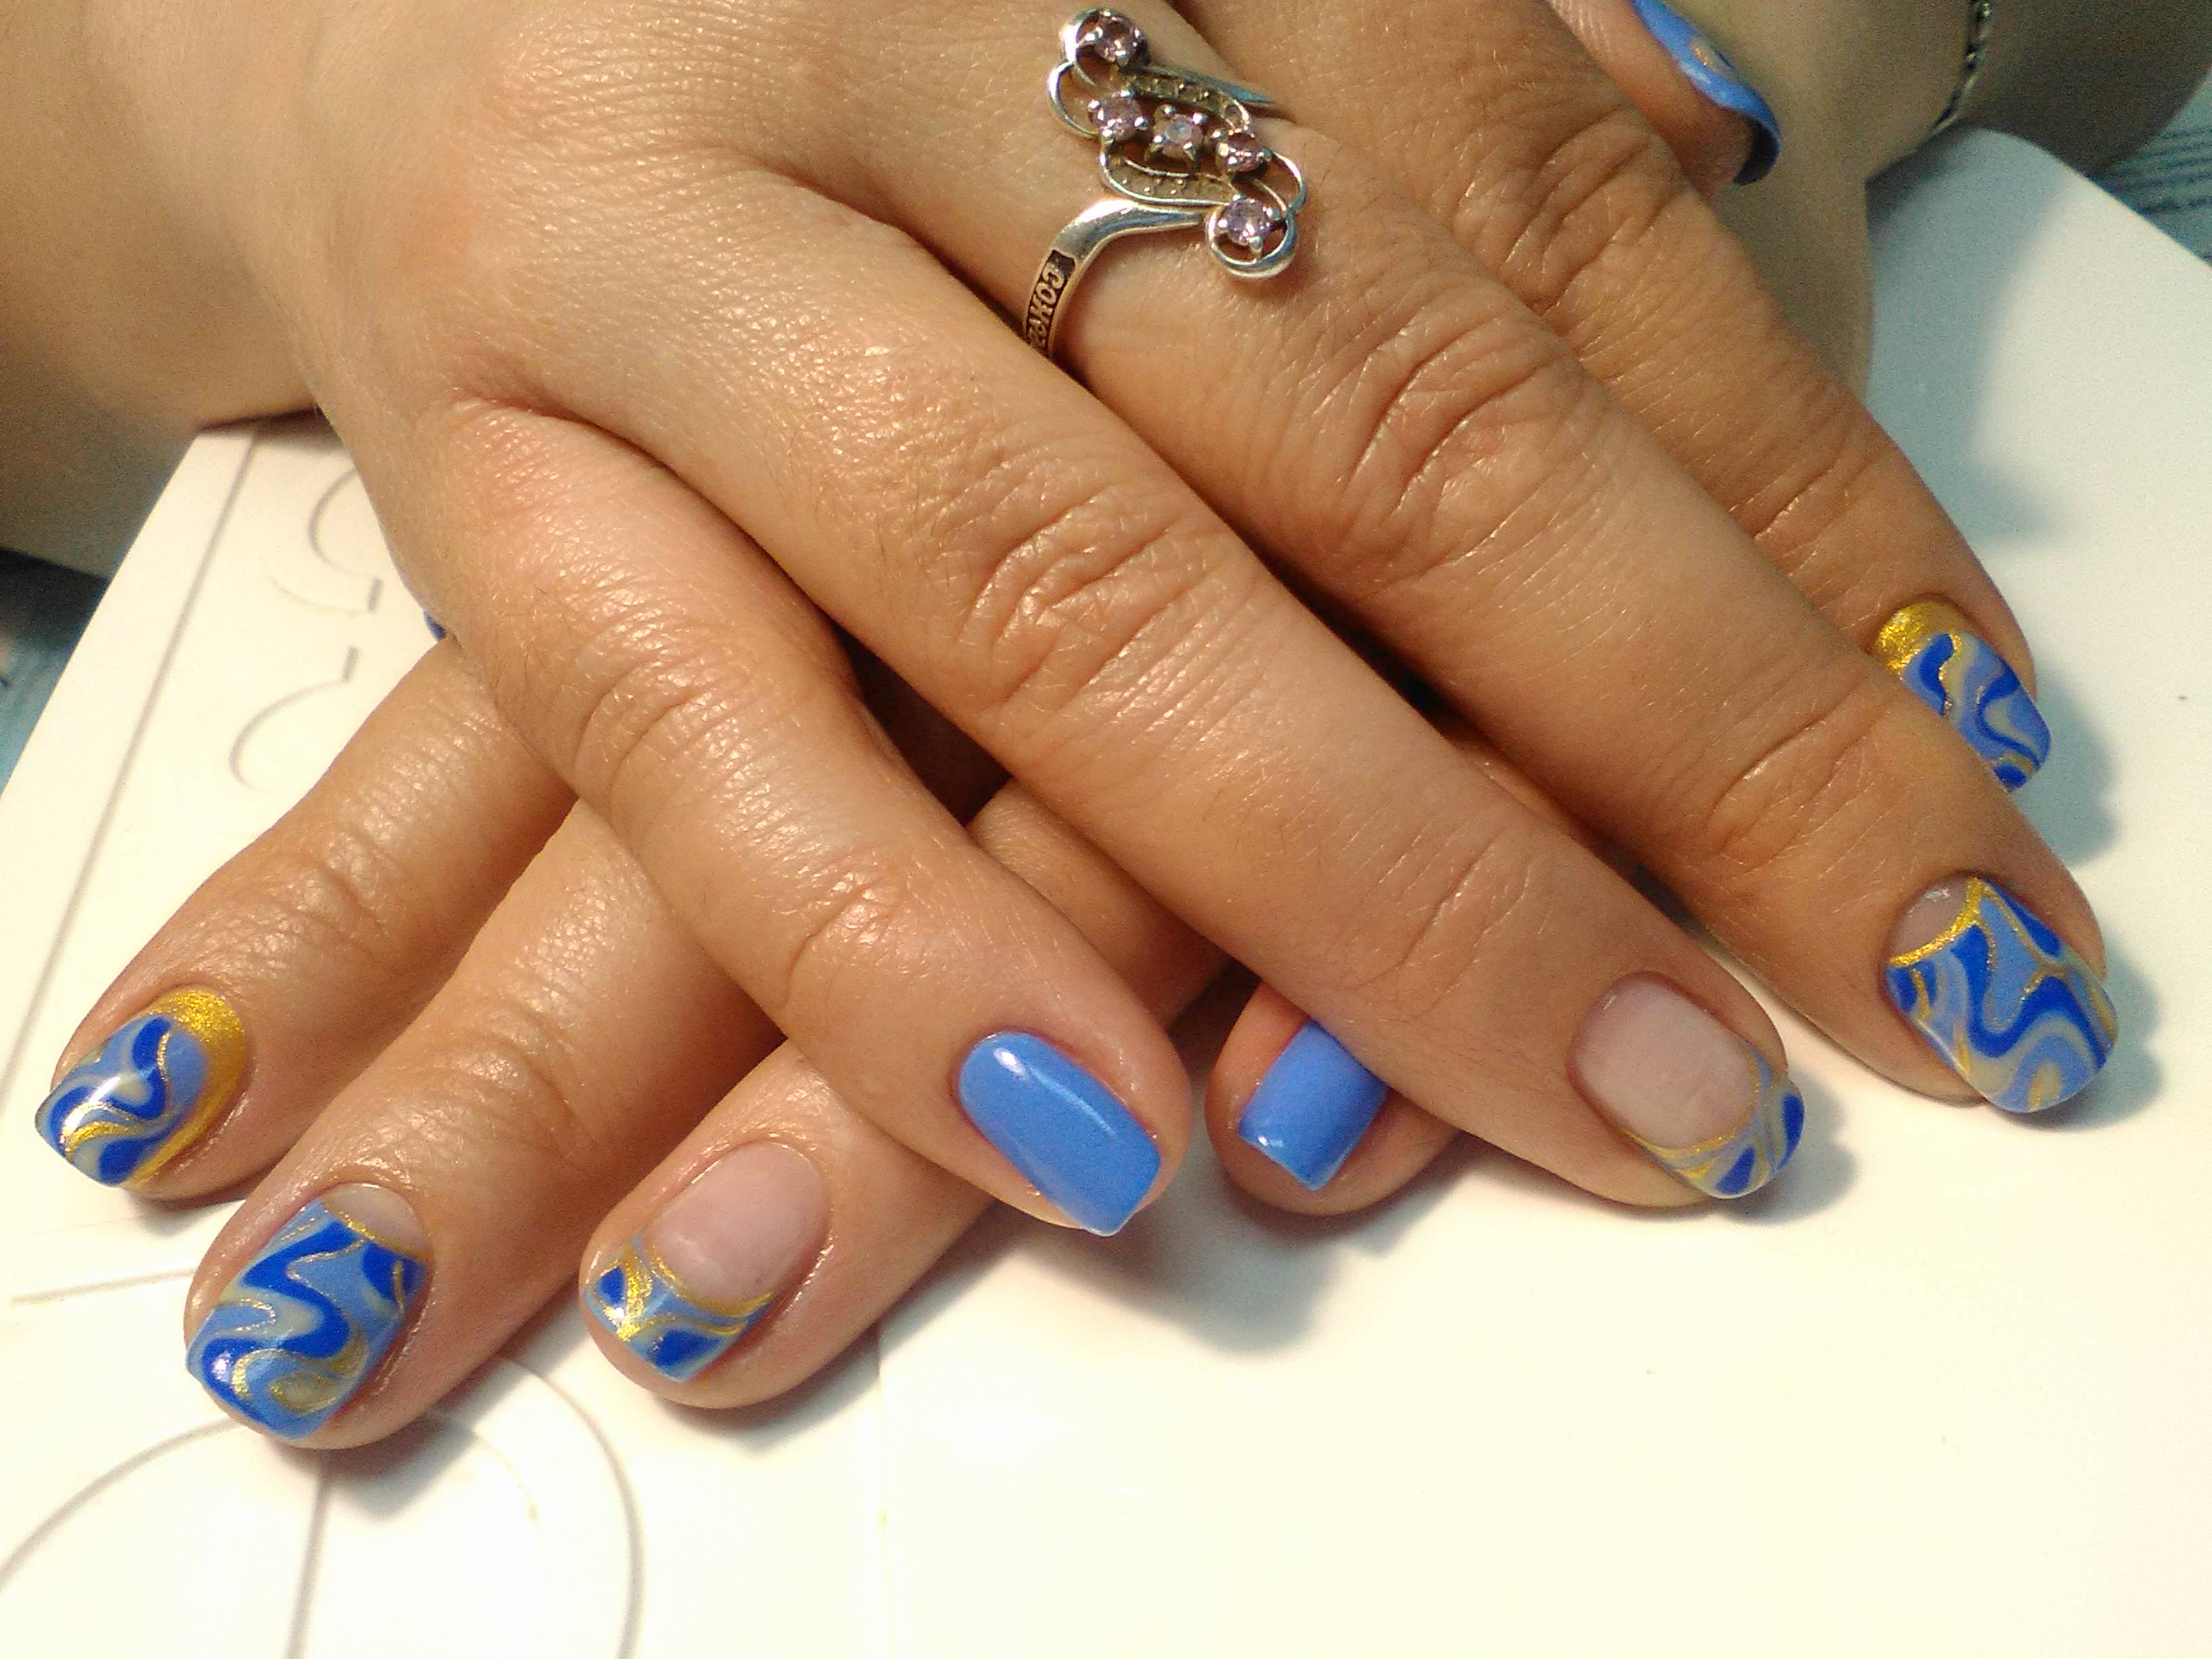 Маникюр в голубом цвете с абстрактным рисунком и золотыми блёстками.